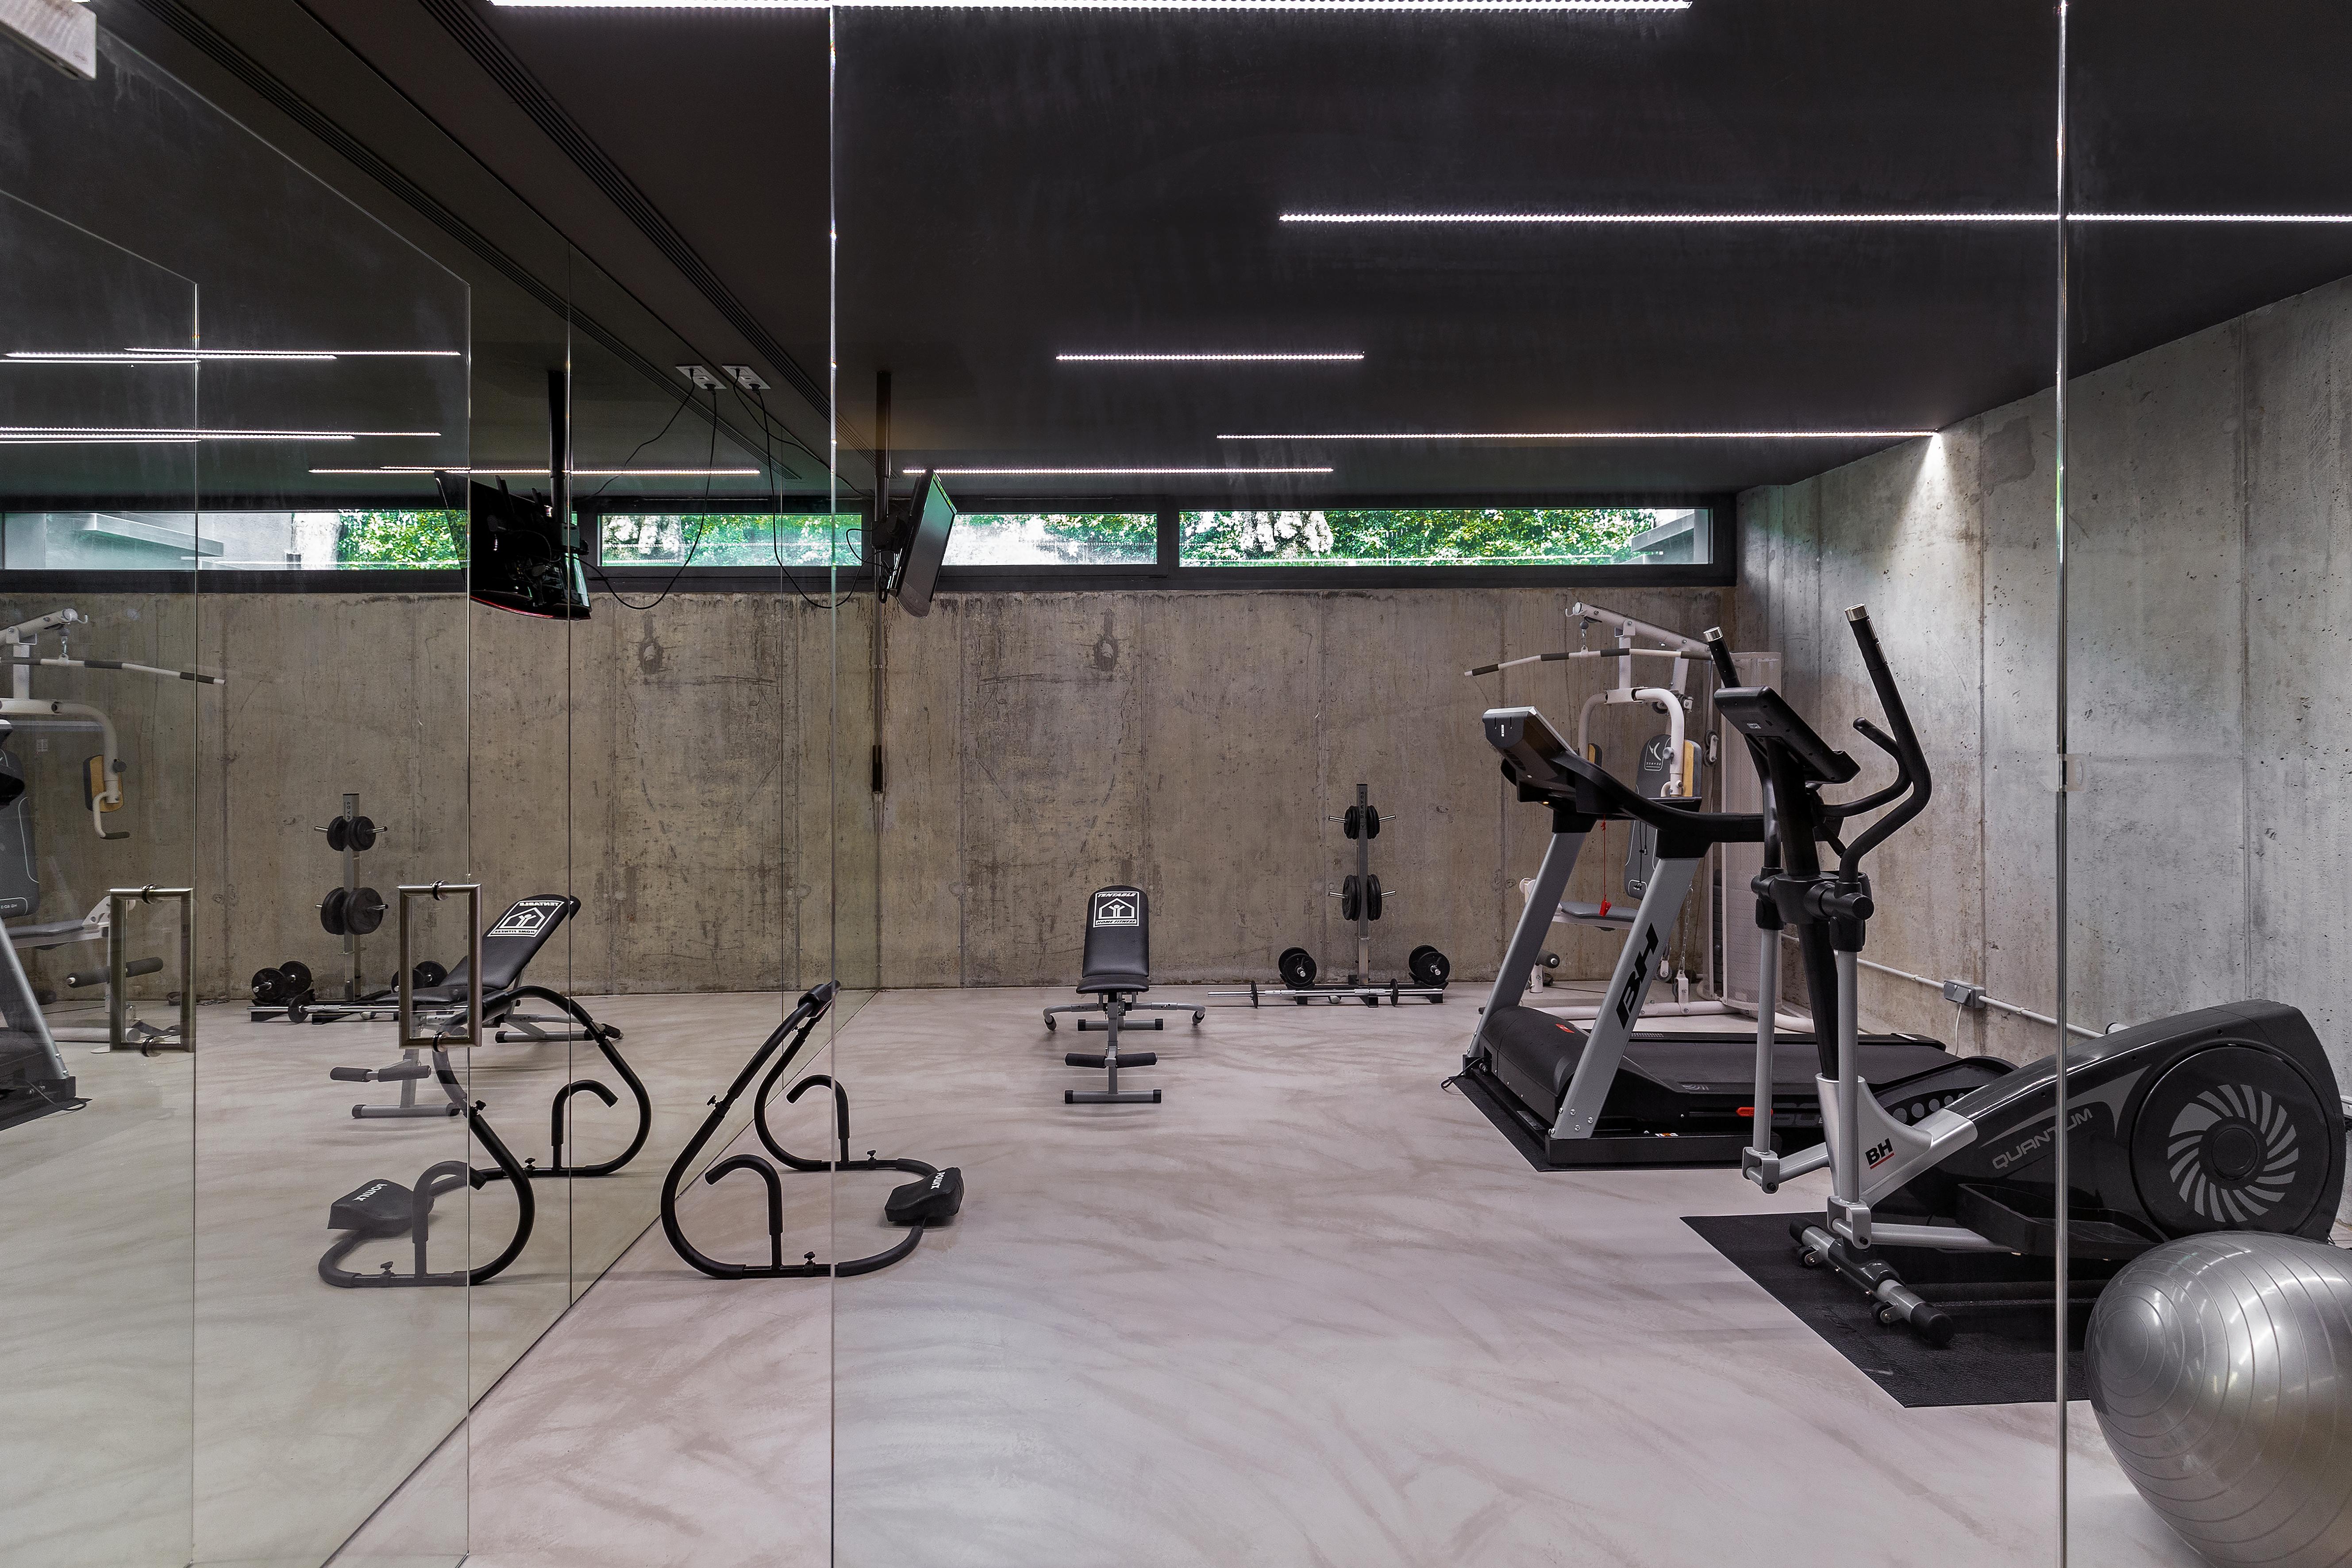 Un espacio reservado para el ejercicio